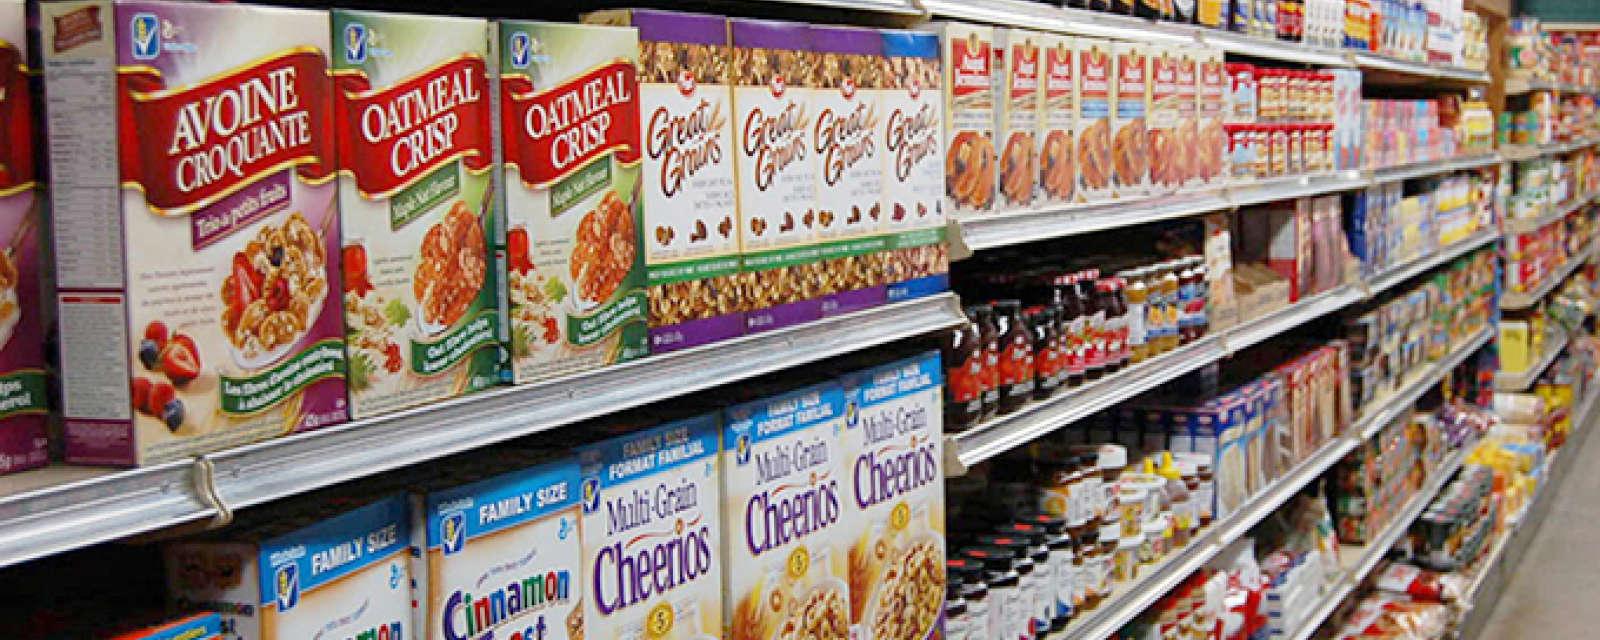 Port Elgin Health Food Store